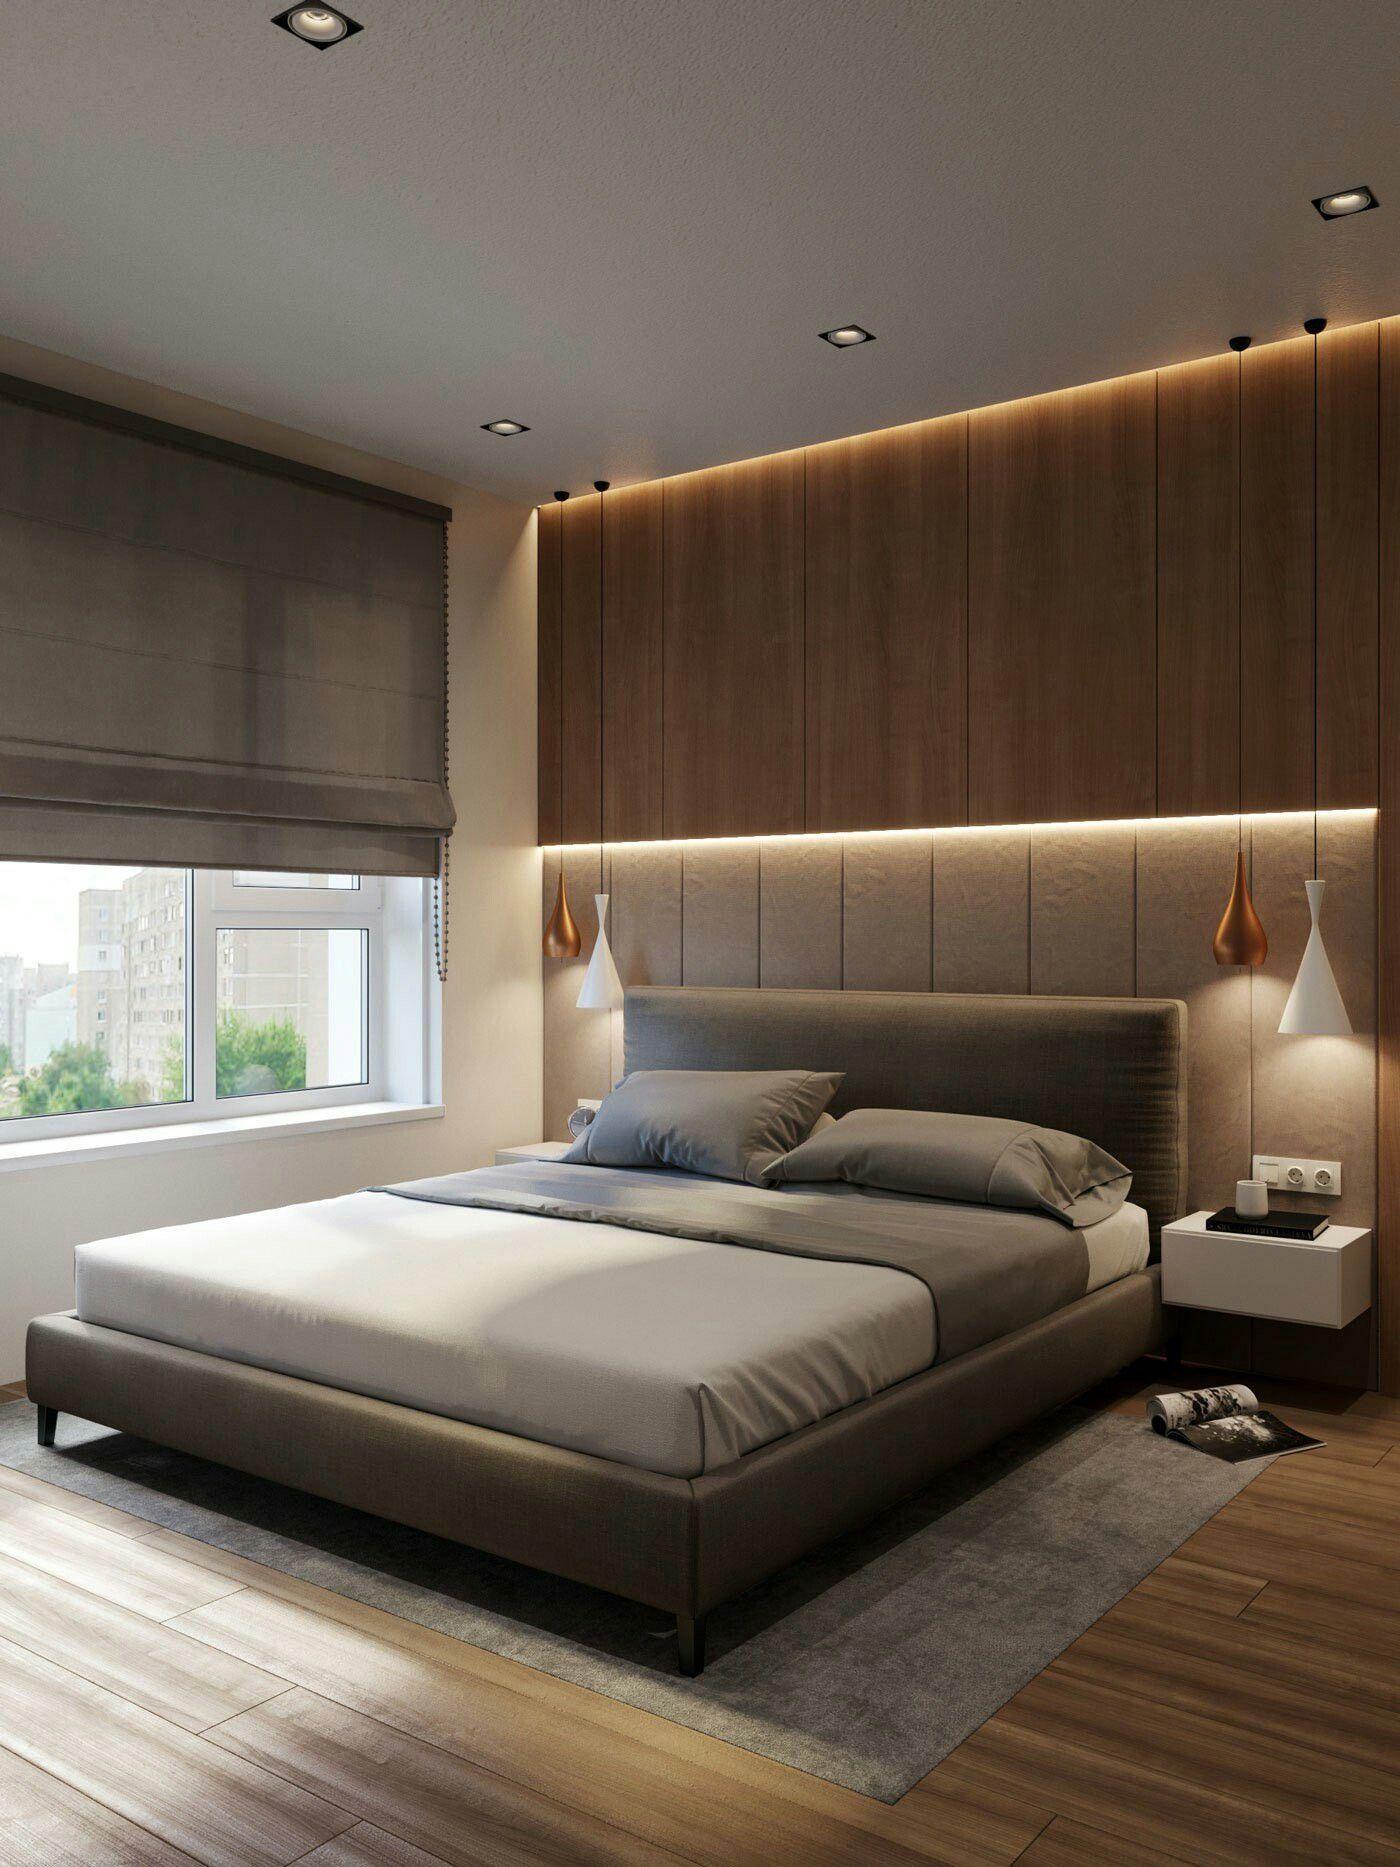 Contemporary Bedroom Interior Design 2021 In 2020 Bed Design Modern Bedroom Bed Design Bedroom Furniture Design